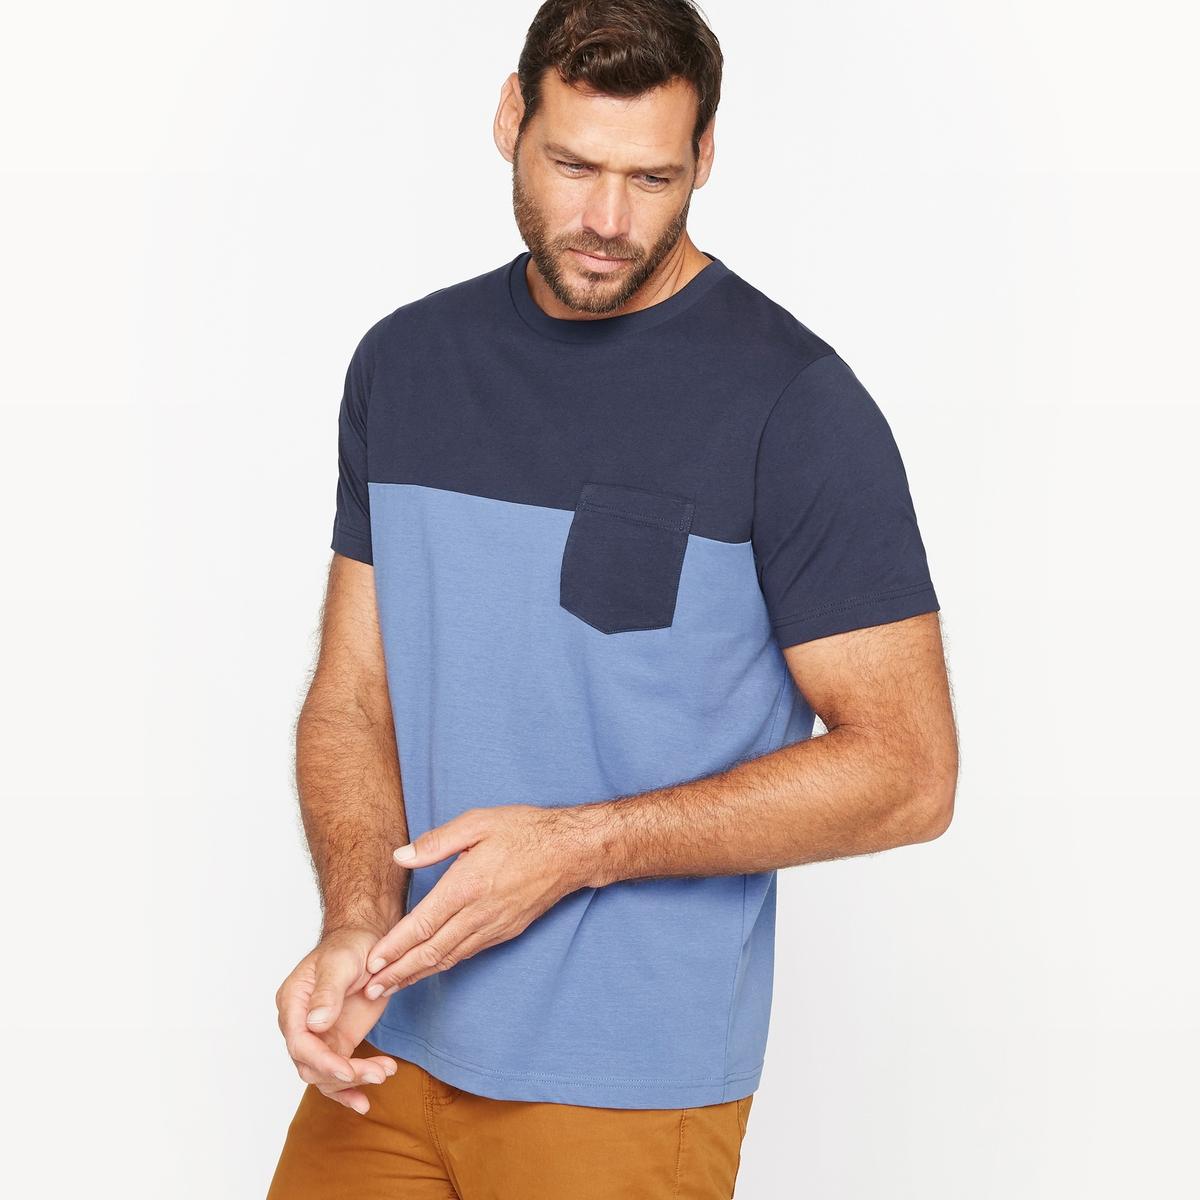 Футболка двухцветная, 100% хлопка, с нагрудным карманомОбратите внимание, что бренд Taillissime создан для высоких, крупных мужчин с тенденцией к полноте. Чтобы узнать подходящий вам размер, сверьтесь с таблицей больших размеров на сайте.<br><br>Цвет: темно-синий/ синий<br>Размер: 62/64